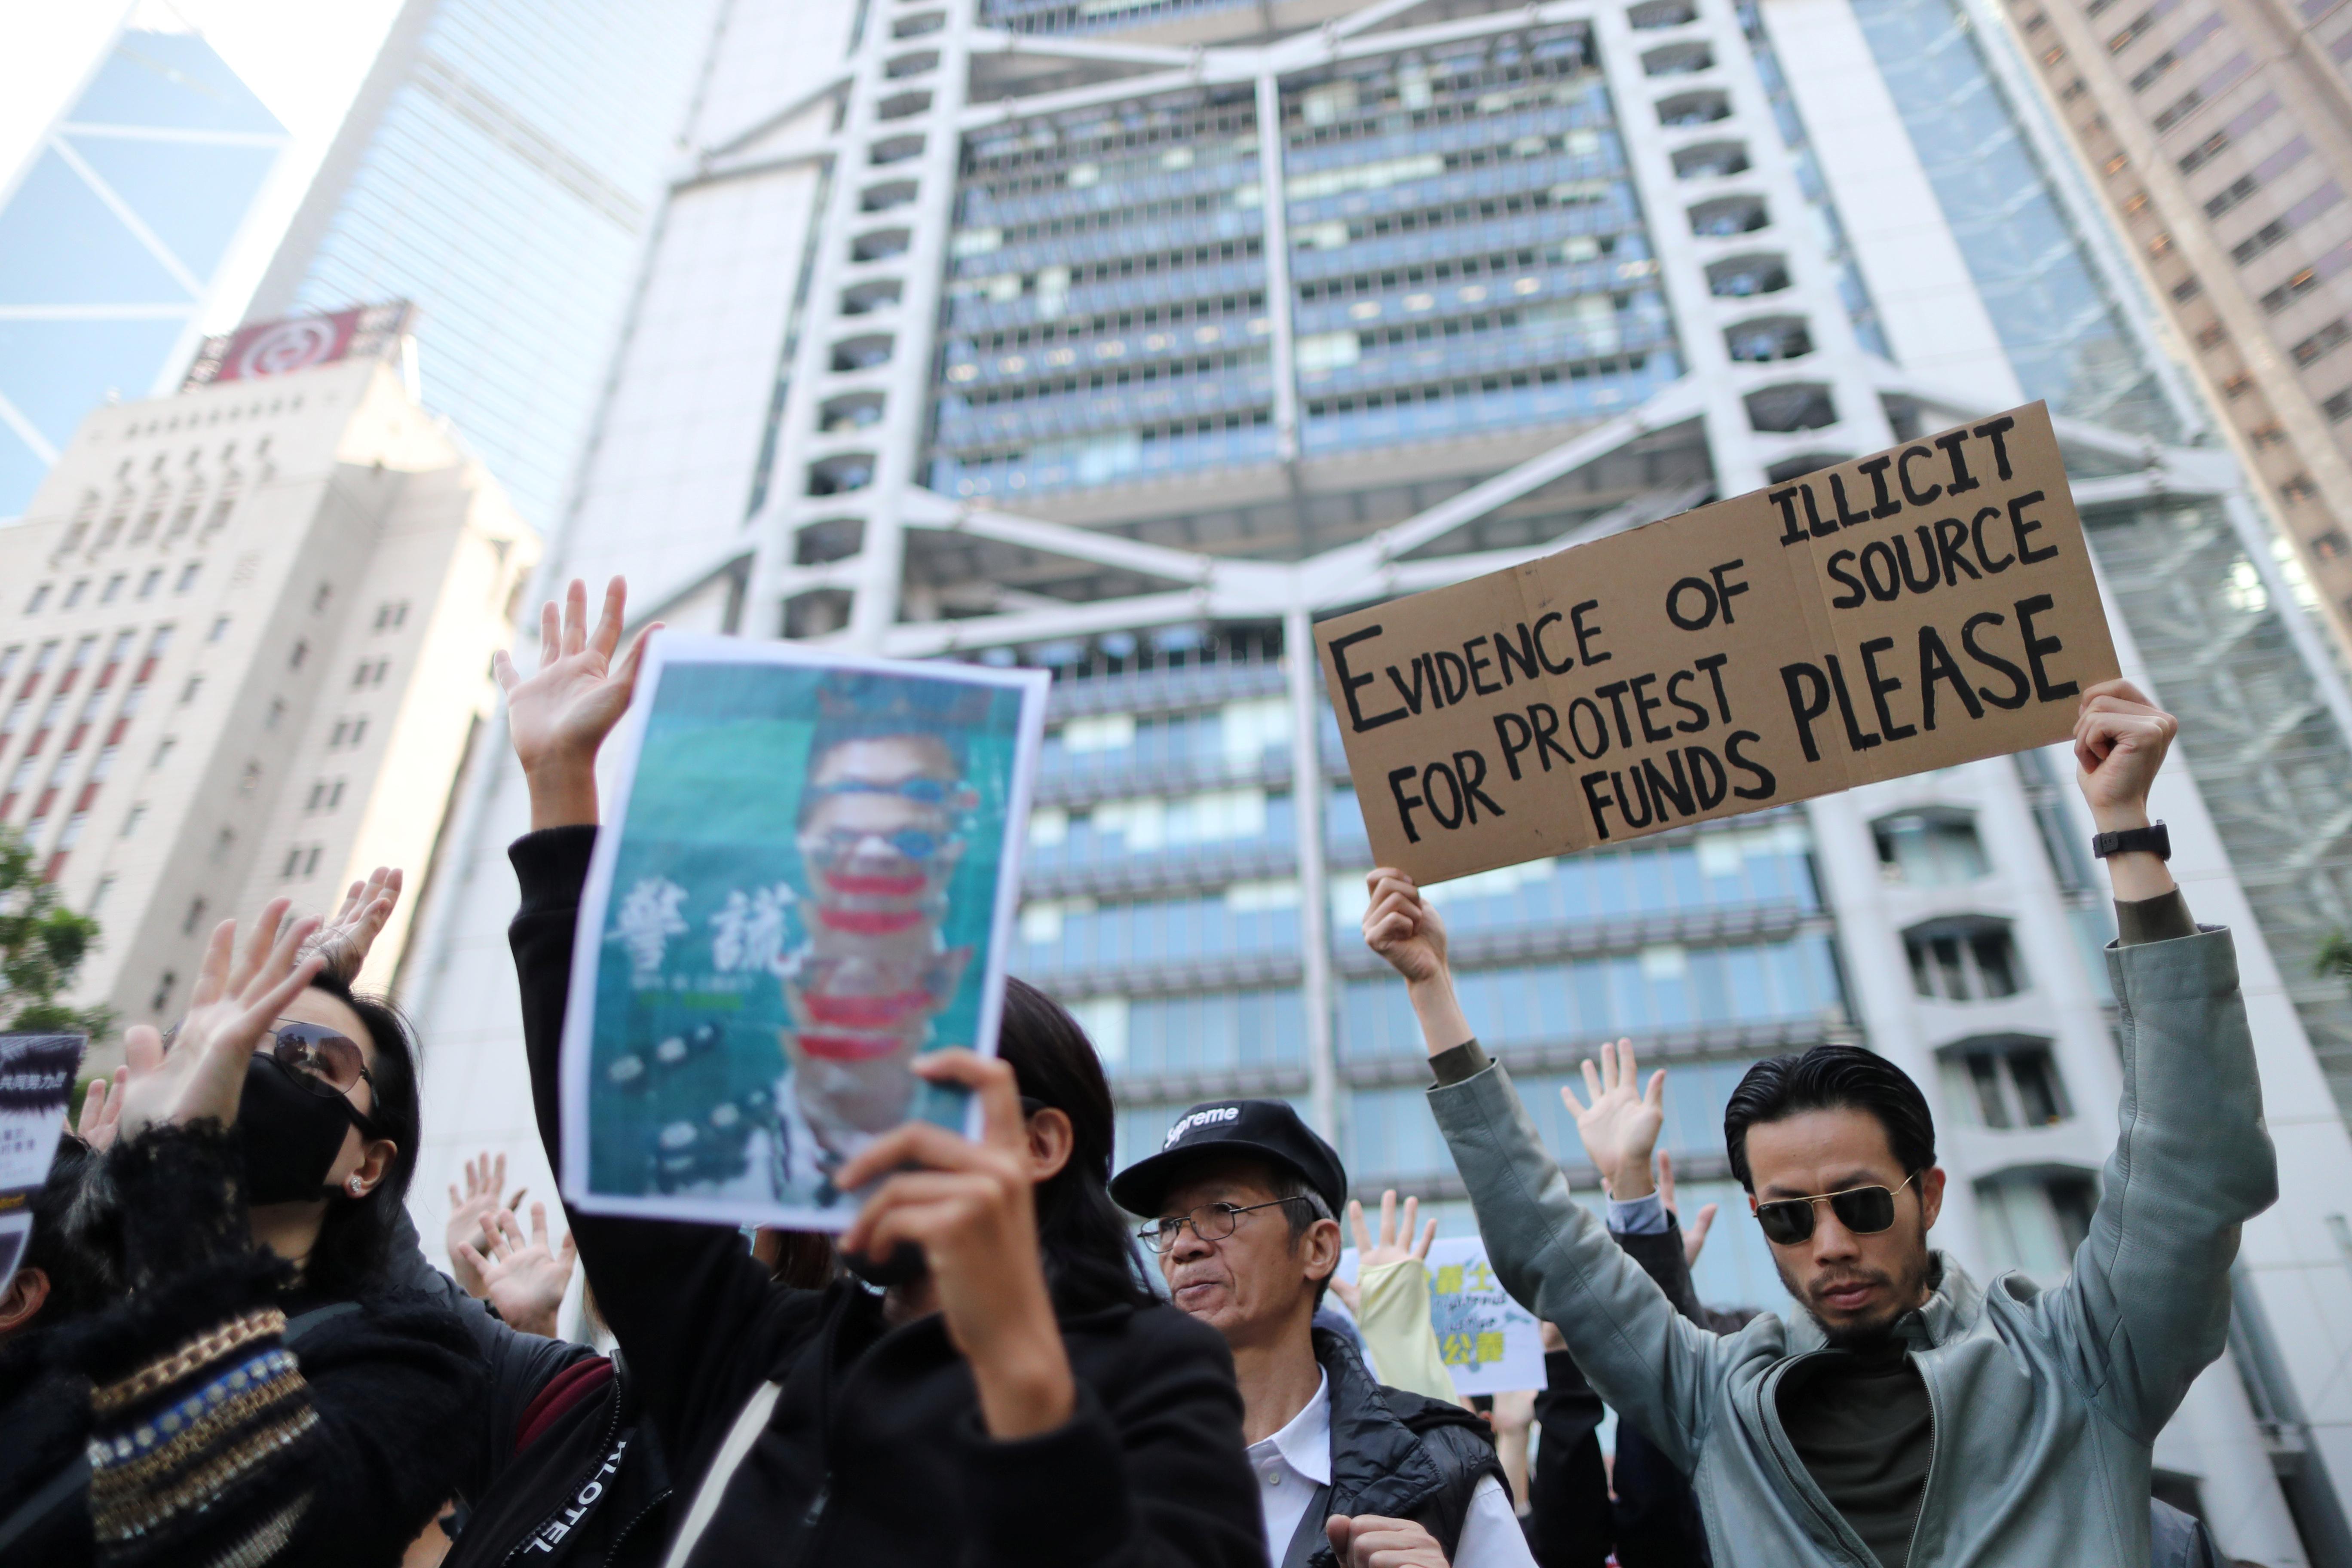 """近百人周五趁午饭时间在中环皇后像广场聚集并高叫口号,不少人举起标语声援""""星火同盟"""",质疑港府打压维权组织。-路透社-"""